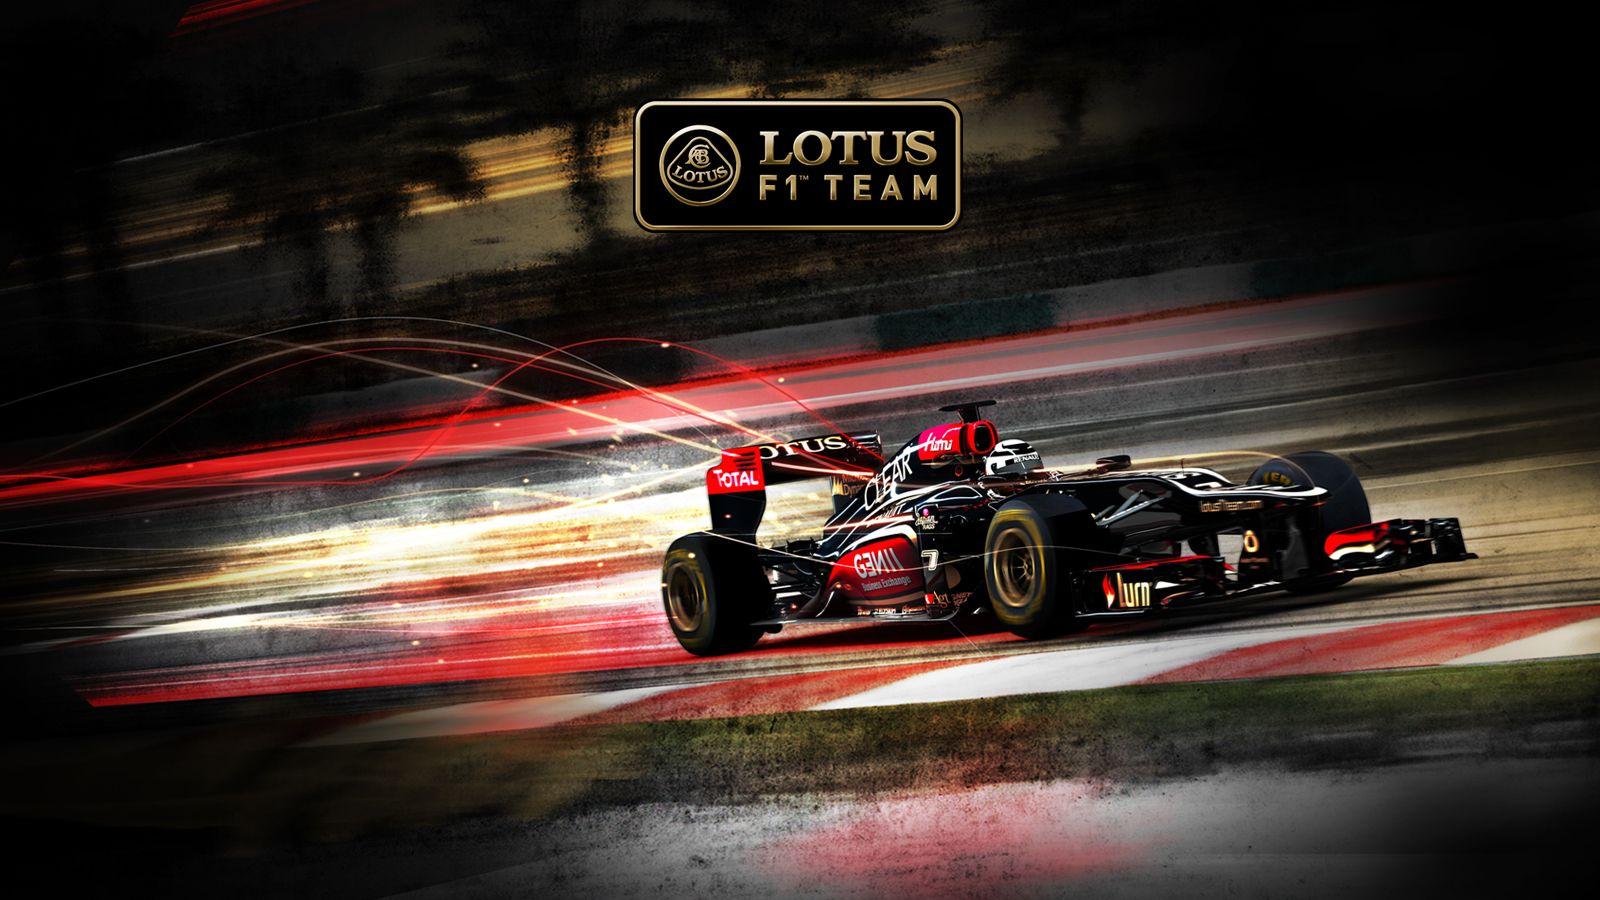 2013 Lotus F1 Lotus F1 Team Wallpaper Lotus